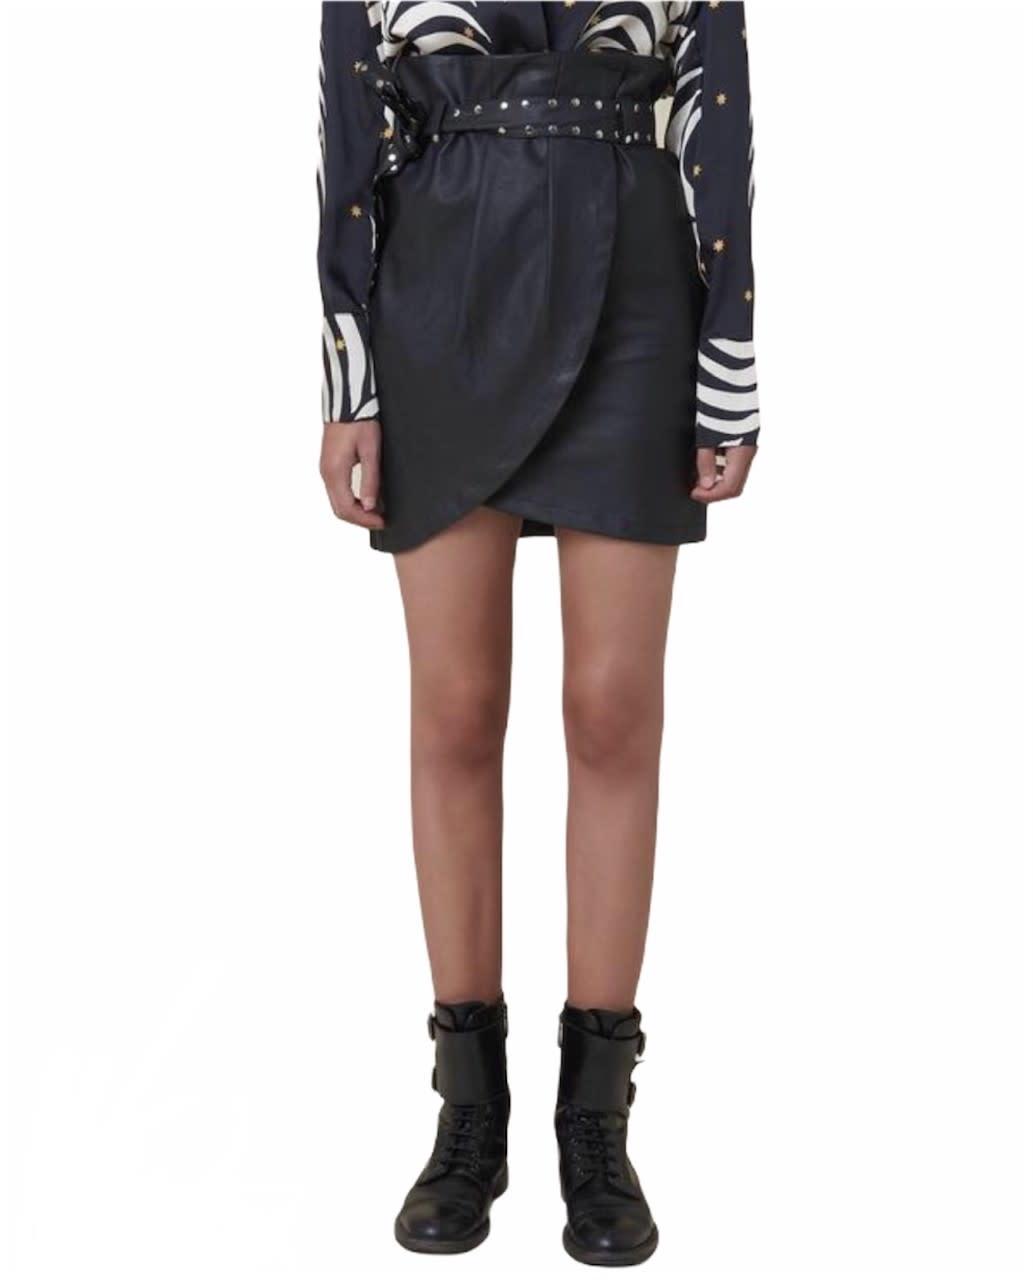 Silvian Heach A/W Skirt Birthsean black Silvian Heach